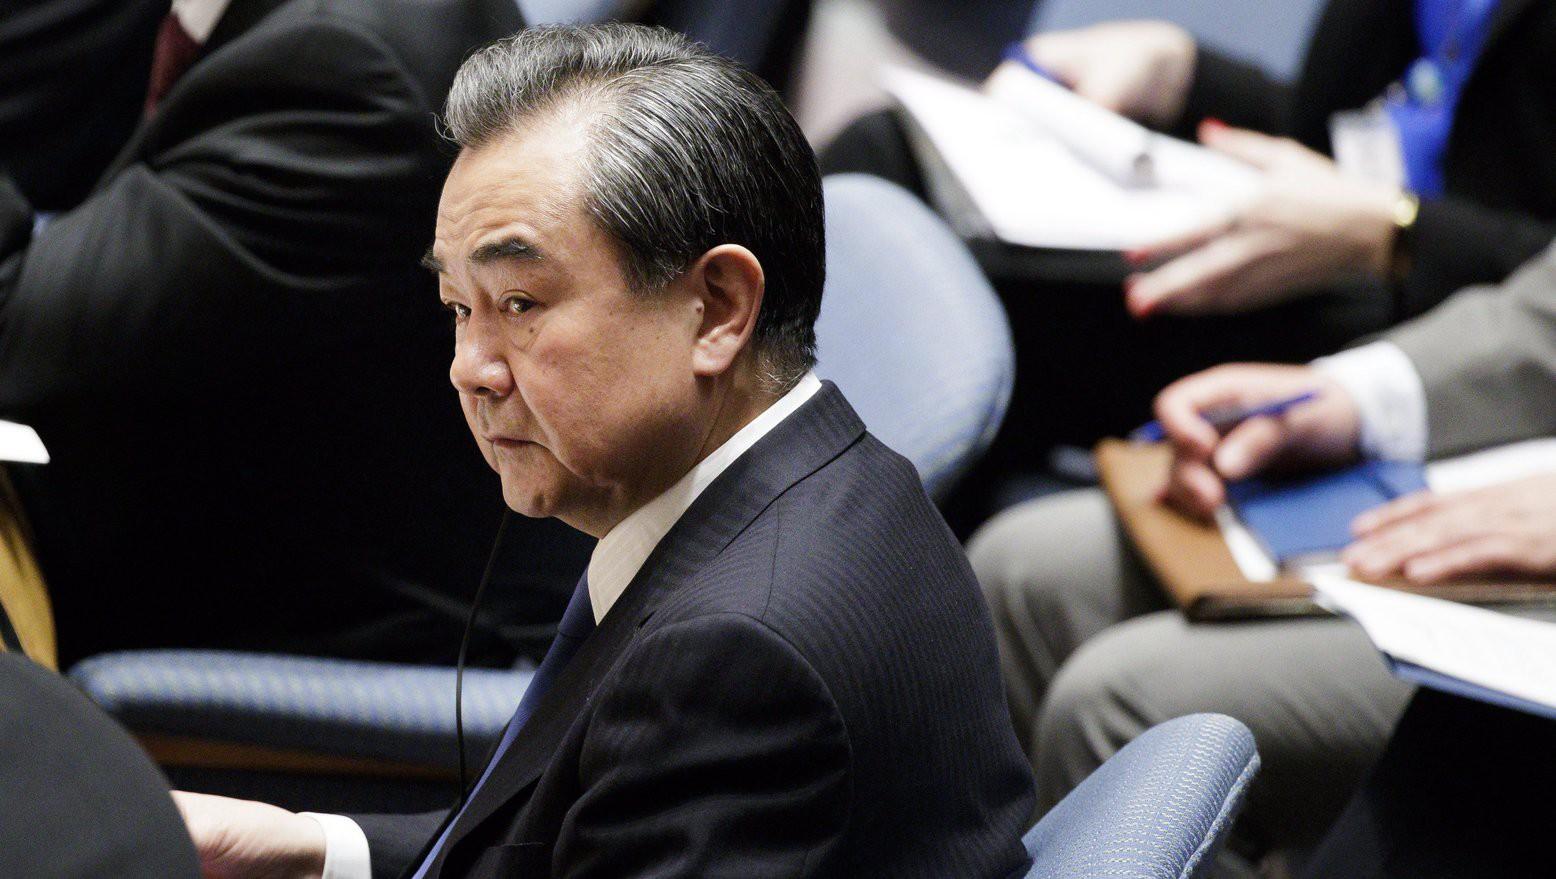 Vang Ji kínai külügyminiszter az ENSZ Biztonsági Tanácsának az észak-koreai fegyverkezésről tartott ülésén a világszervezet New York-i székházában (Fotó: MTI/EPA/Justin Lane)